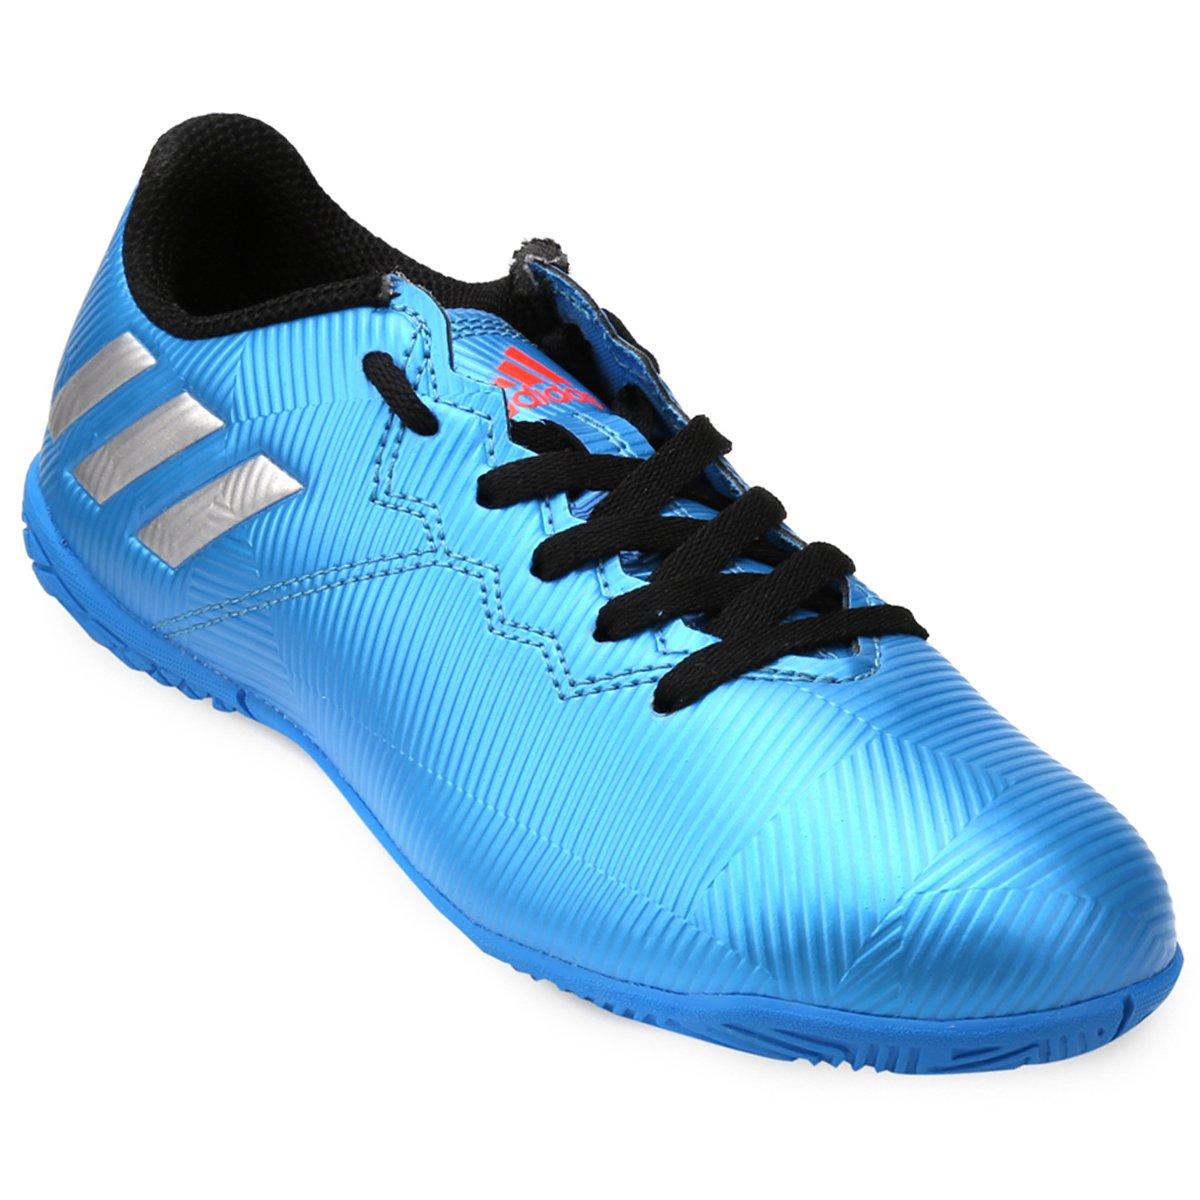 12216913e09b9 Chuteira Futsal Juvenil Adidas Messi 16 4 IN - Compre Agora